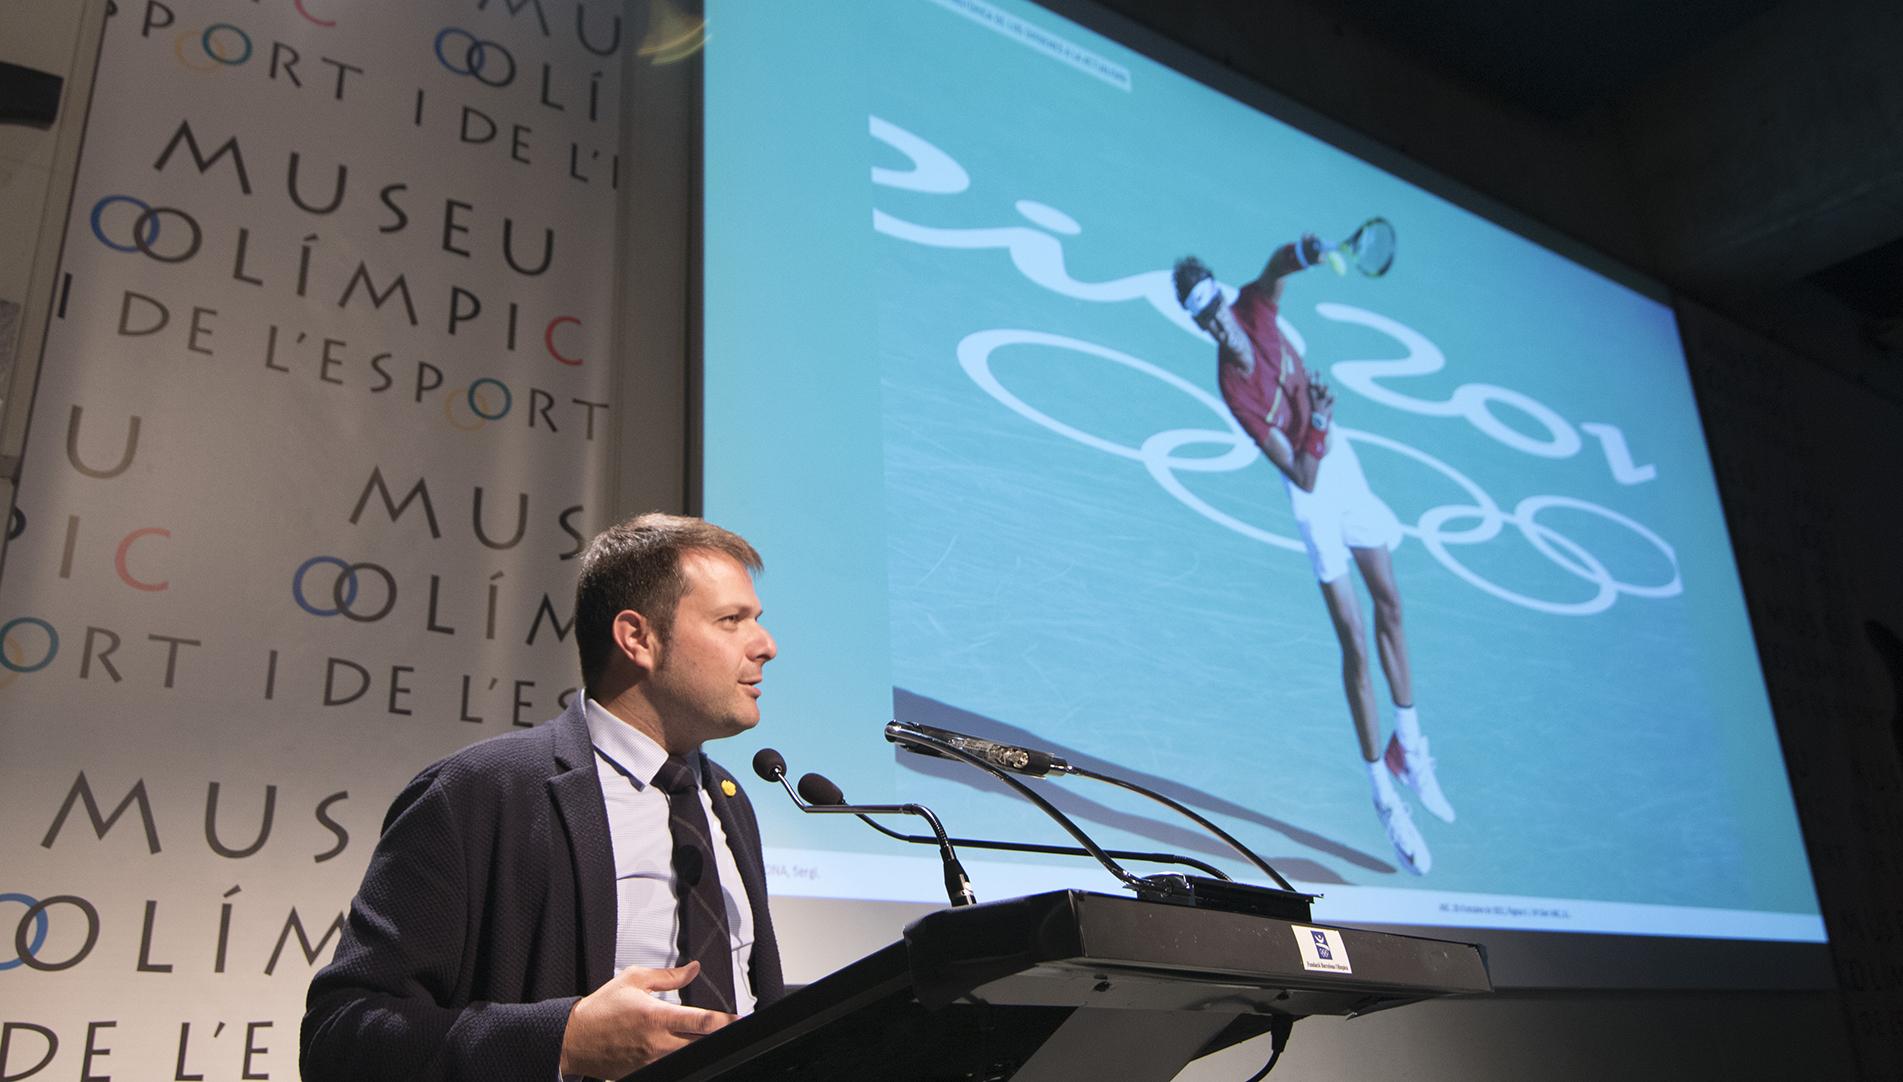 Olimpismo Esmana Museu Olimpic Figueras 3